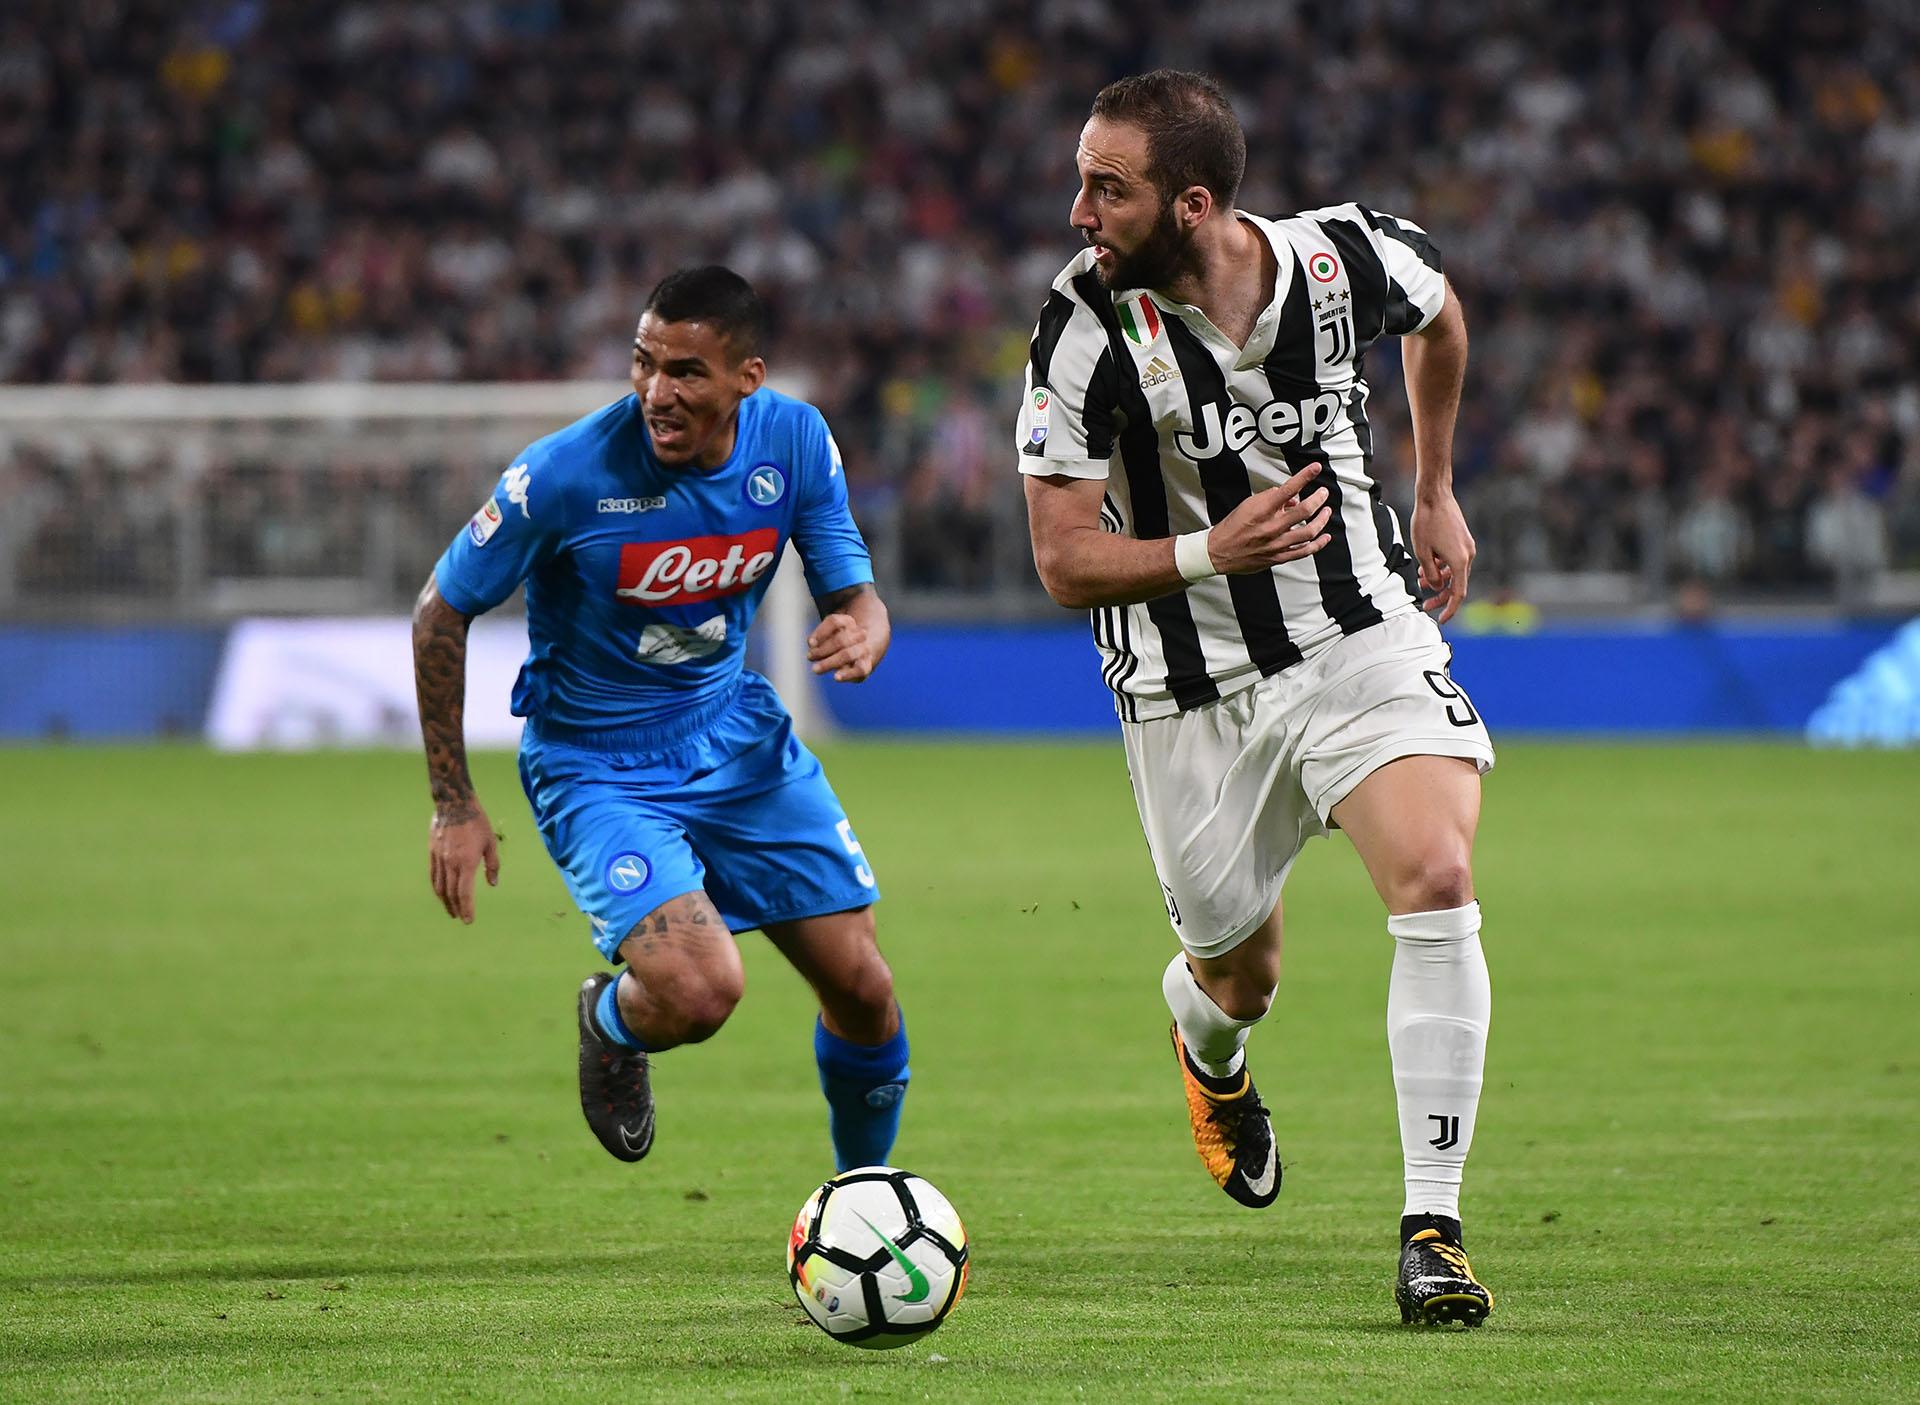 Higuaín, ex jugador del Napoli, es titular en la Juventus (AFP)